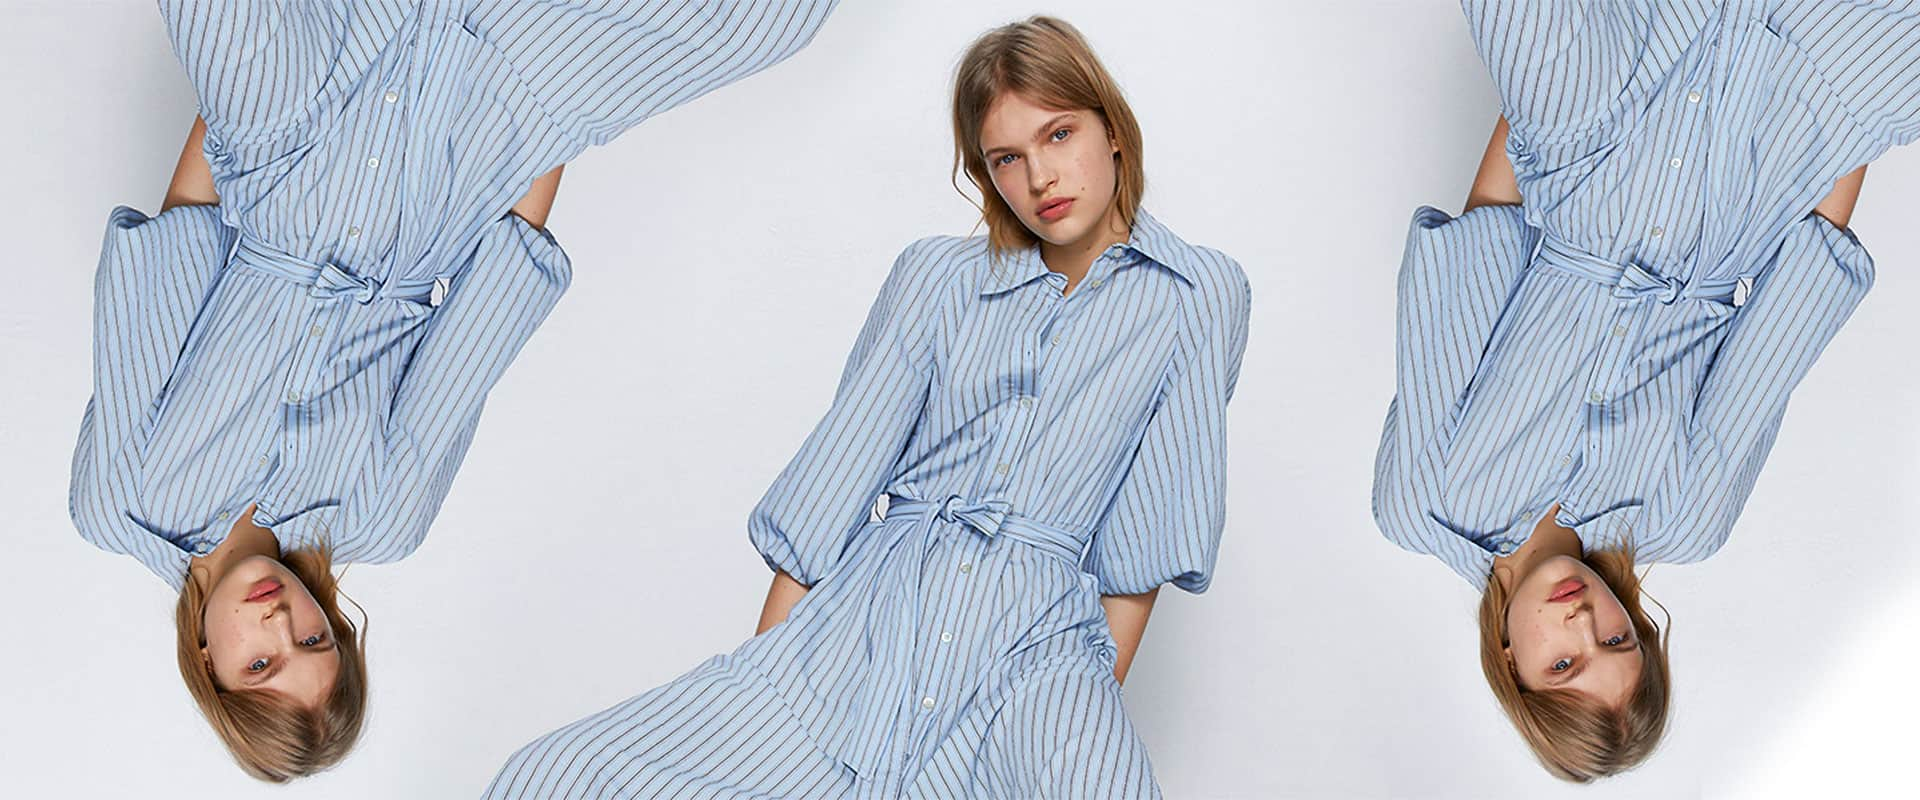 Vestidos-camiseros-que-no-dejarás-de-usar-los-próximos-meses-PRUEBA